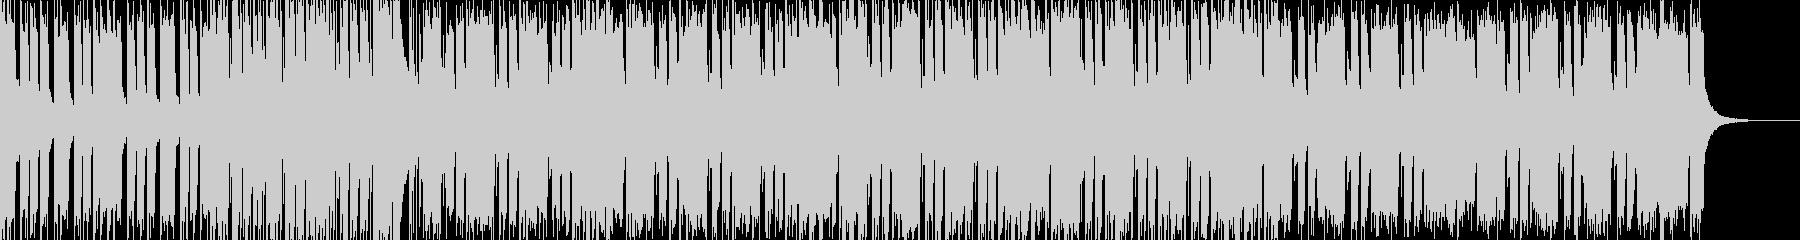 ポップなクラブミュージック 3の未再生の波形